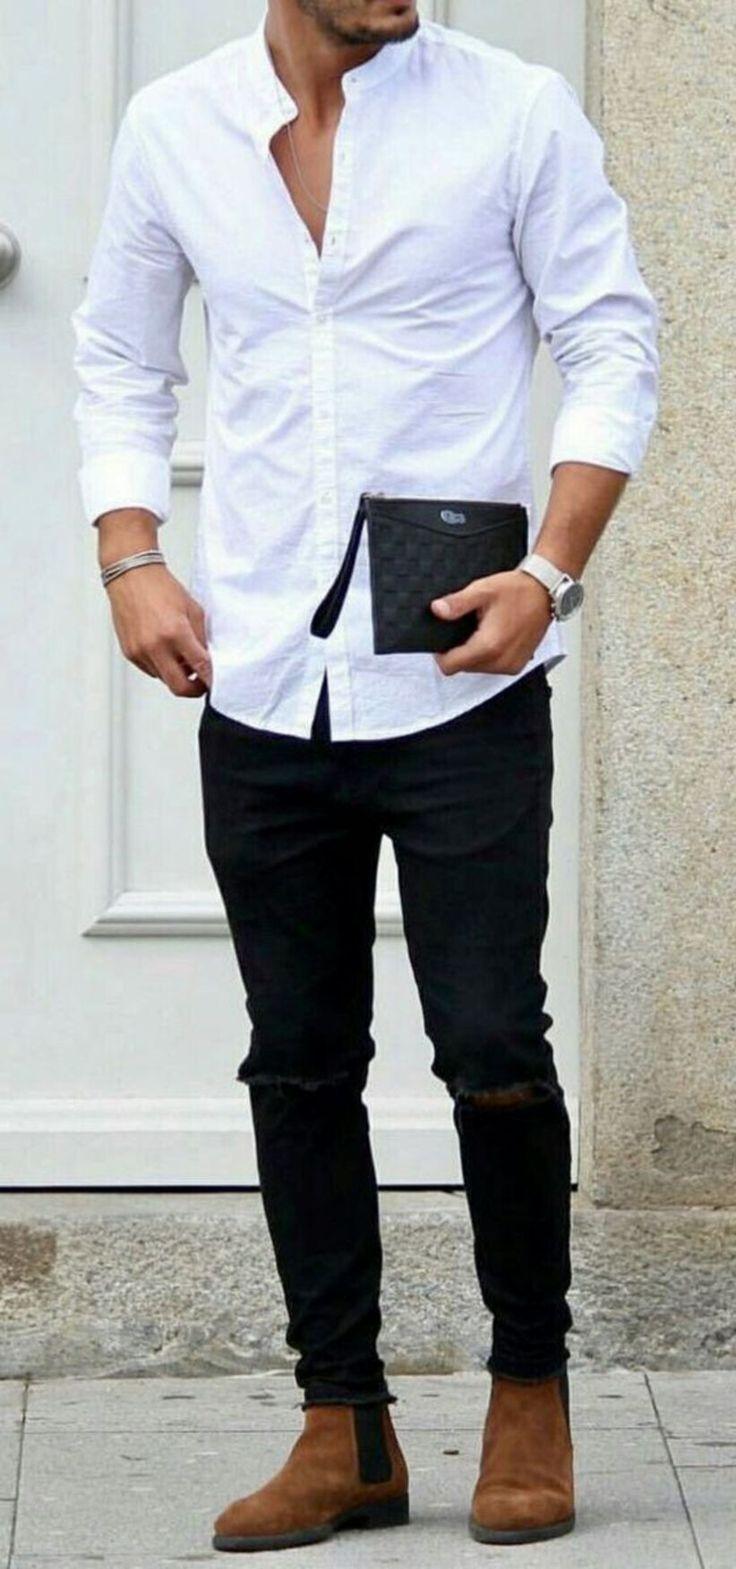 Are You A Boss Ceo Enterpreneur Join Us As An Enterpriser At Enterprisersuite Com And Gain Traffic Mens Black Jeans Outfit Jeans Outfit Men Black Jeans Men [ 1569 x 736 Pixel ]